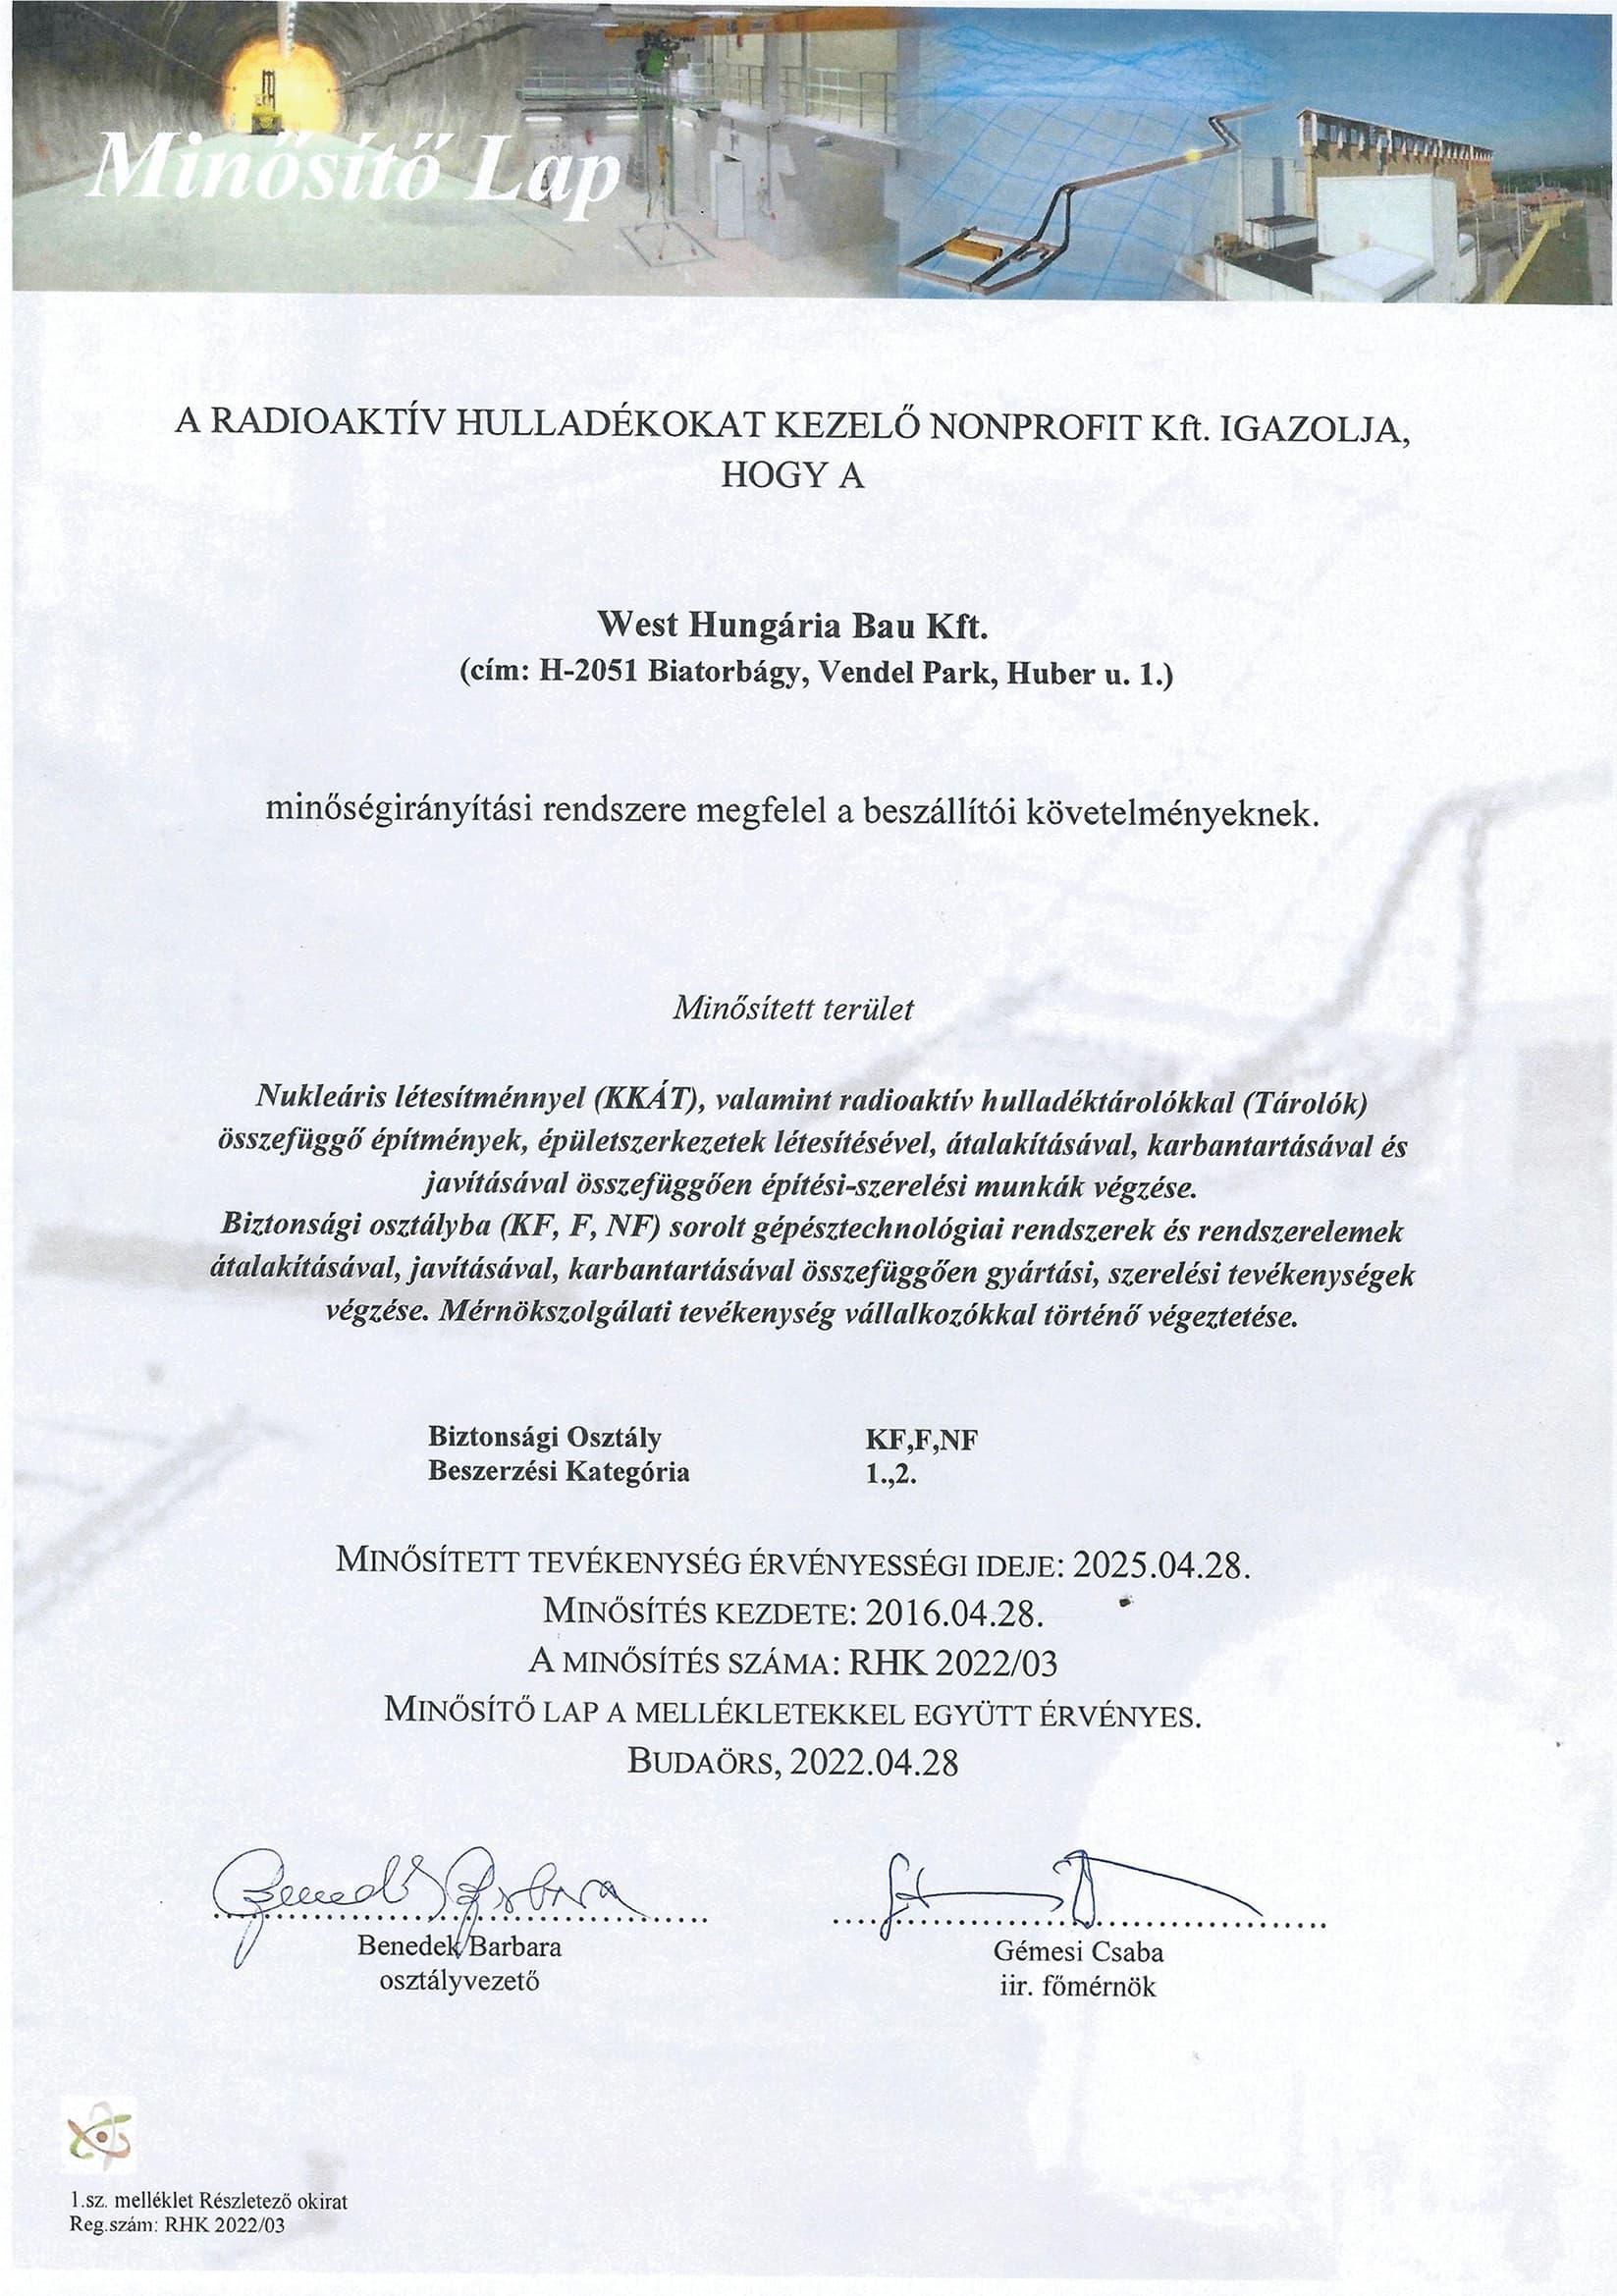 minosito_lap MVM PA Zrt. KM 48-2016-1